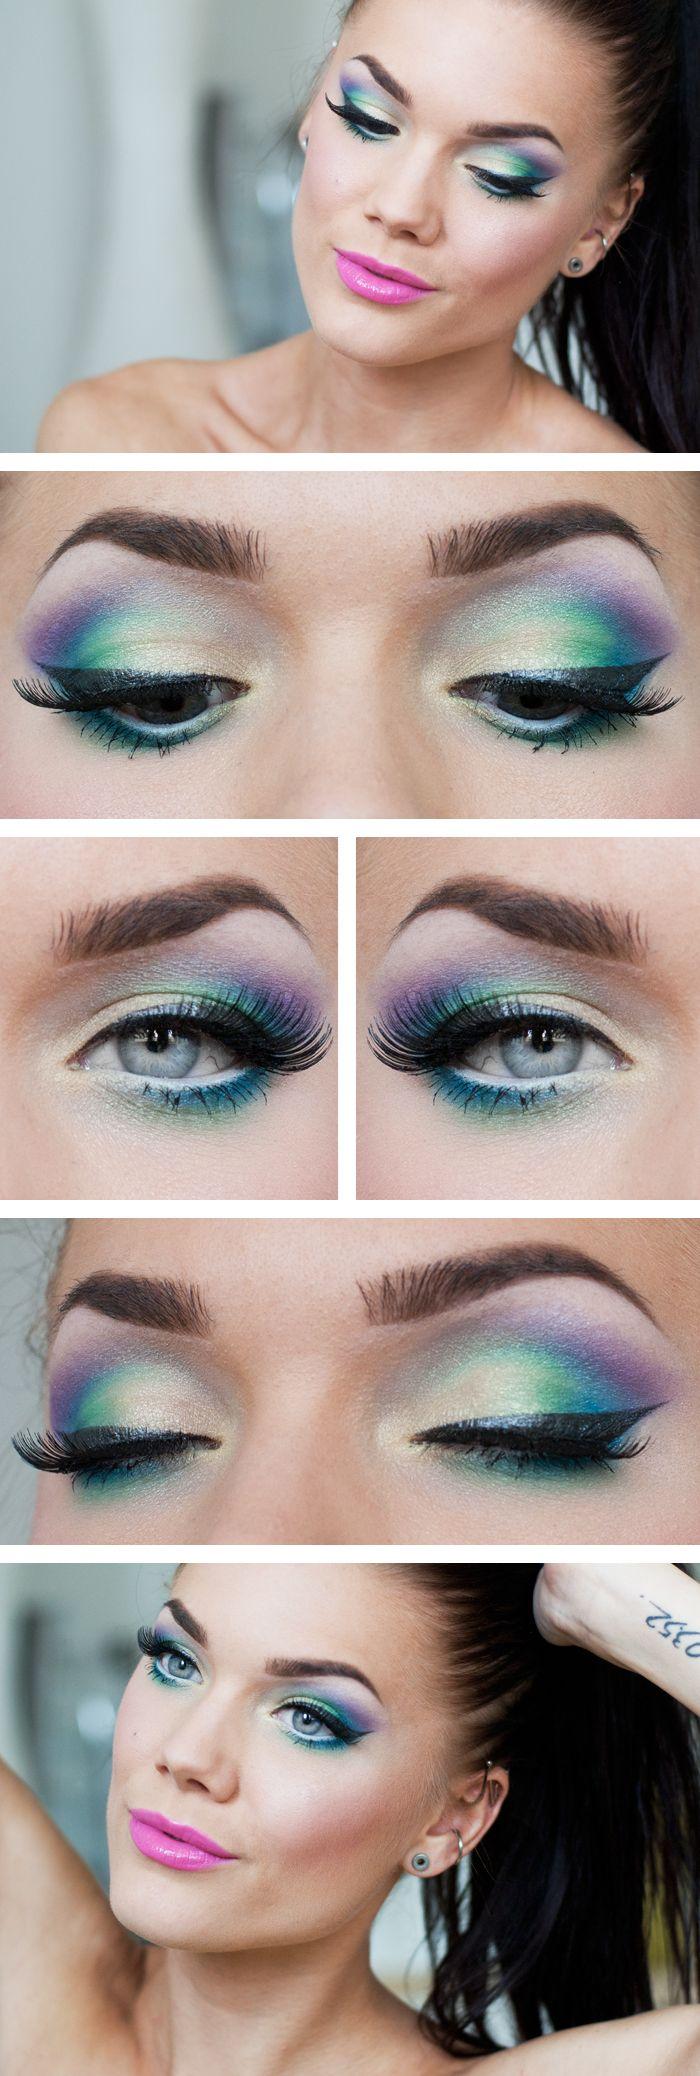 Maquillaje colorido para el día.